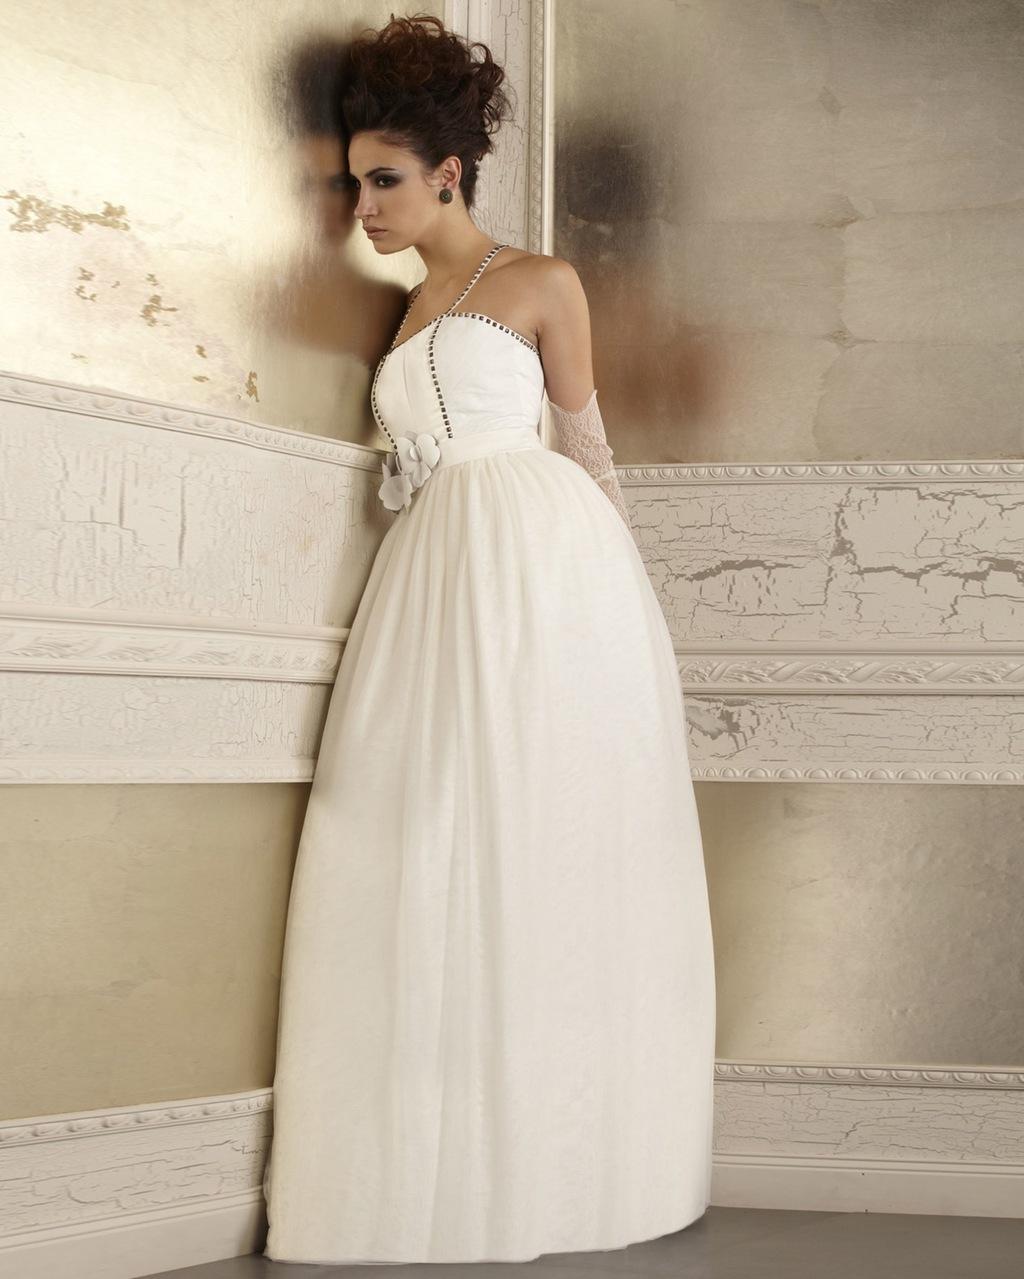 Della_giovanna_tristan_corset_and_blair_skirt.full